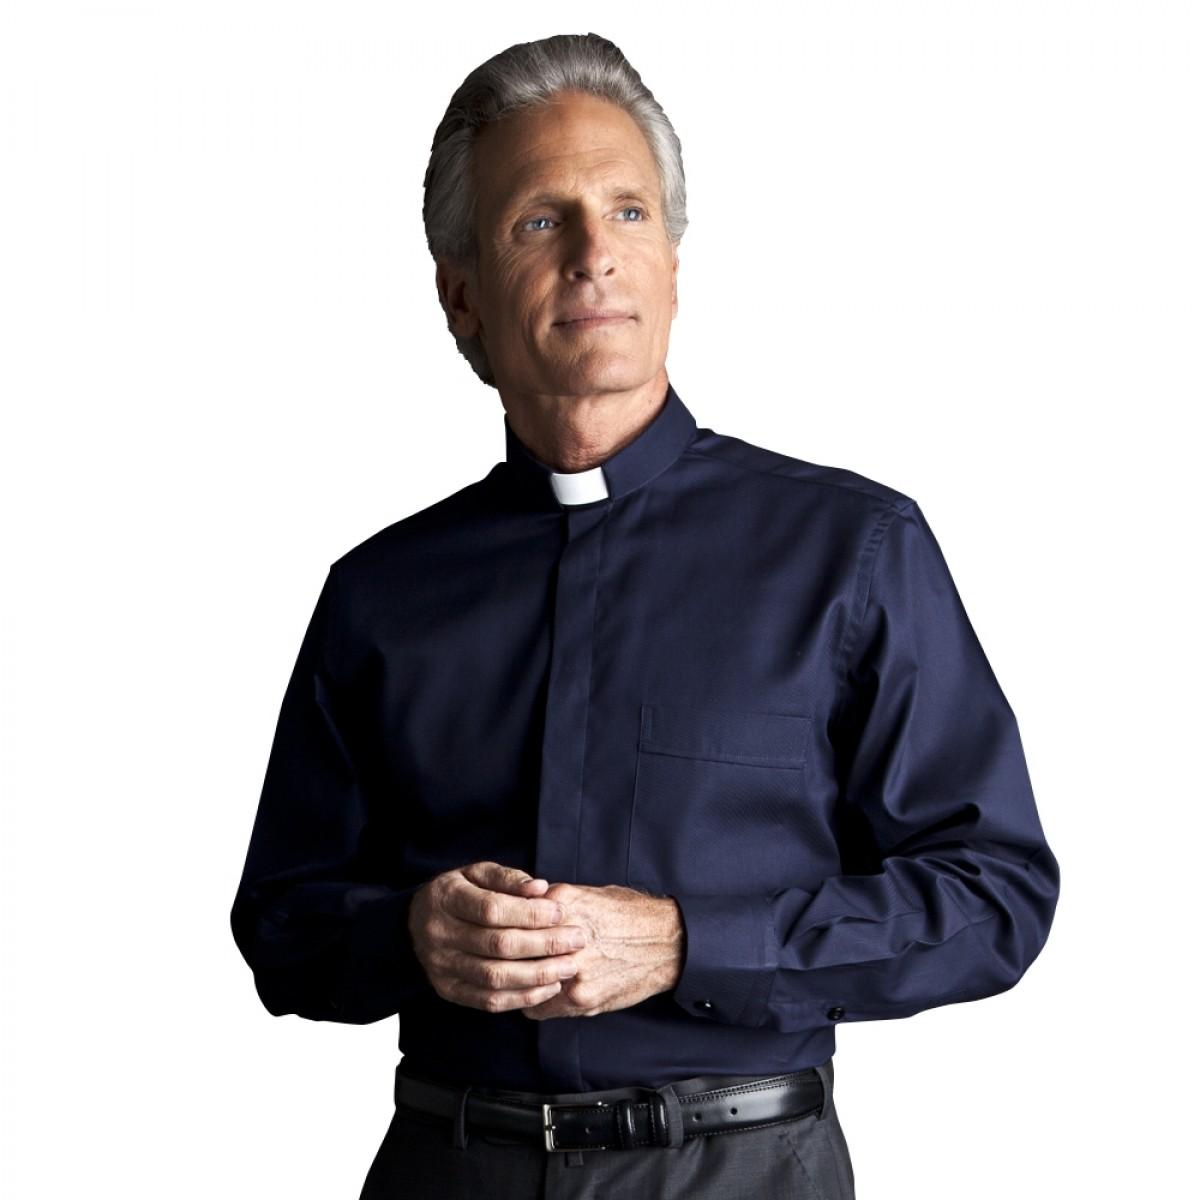 Camicia Clergy Facile Stiro Rigato manica lunga misto cotone - art. 213